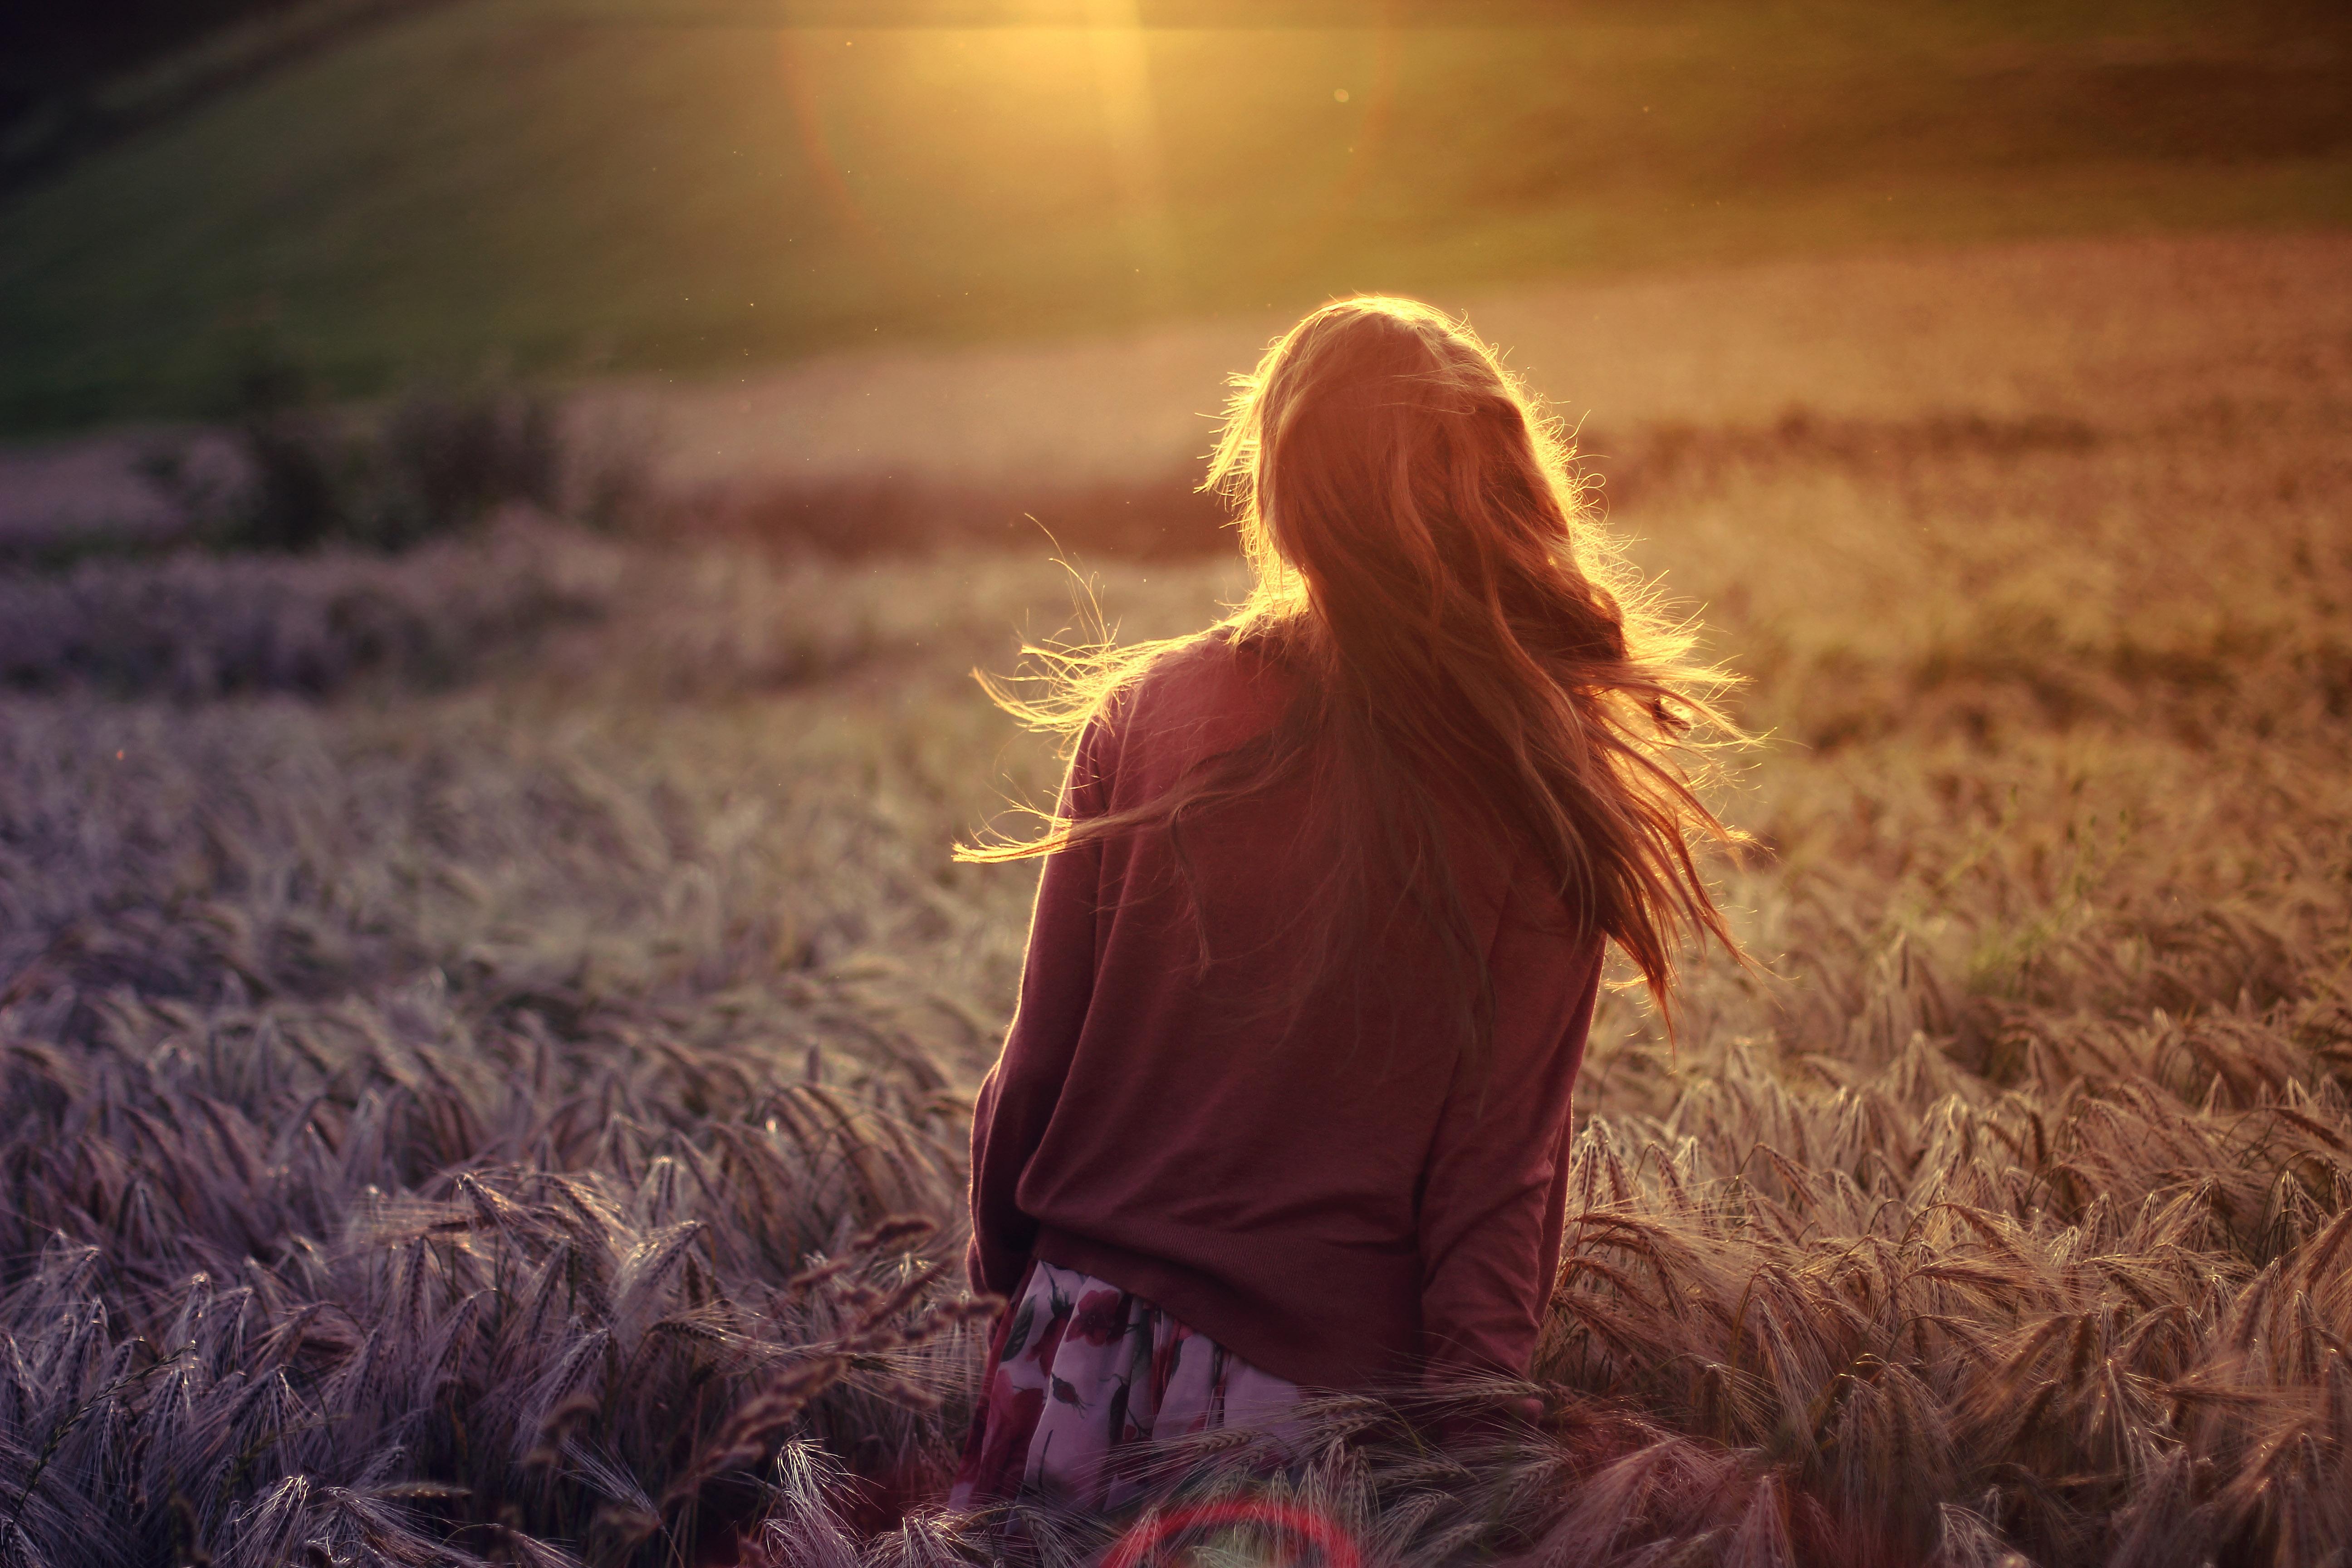 длинные волосы девушка сорочка природа  № 1819715 загрузить